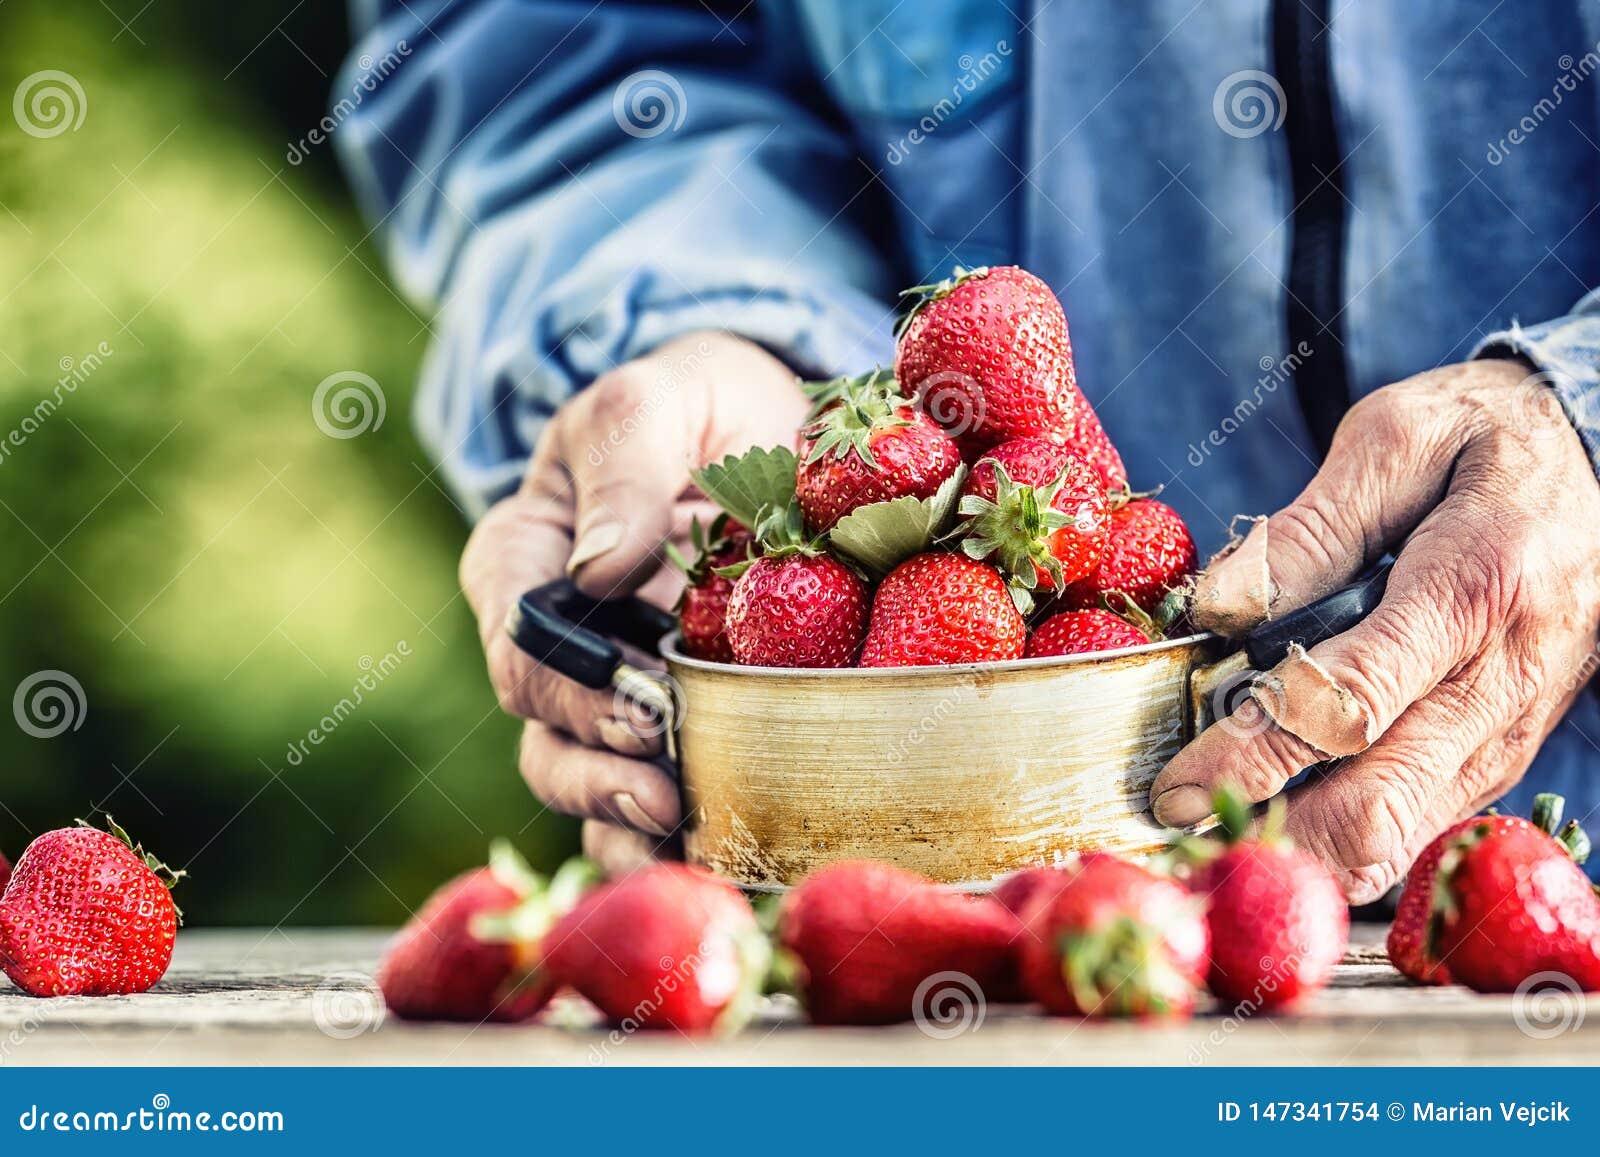 Le mani di Farme tengono un vecchio vaso della cucina in pieno delle fragole mature fresche